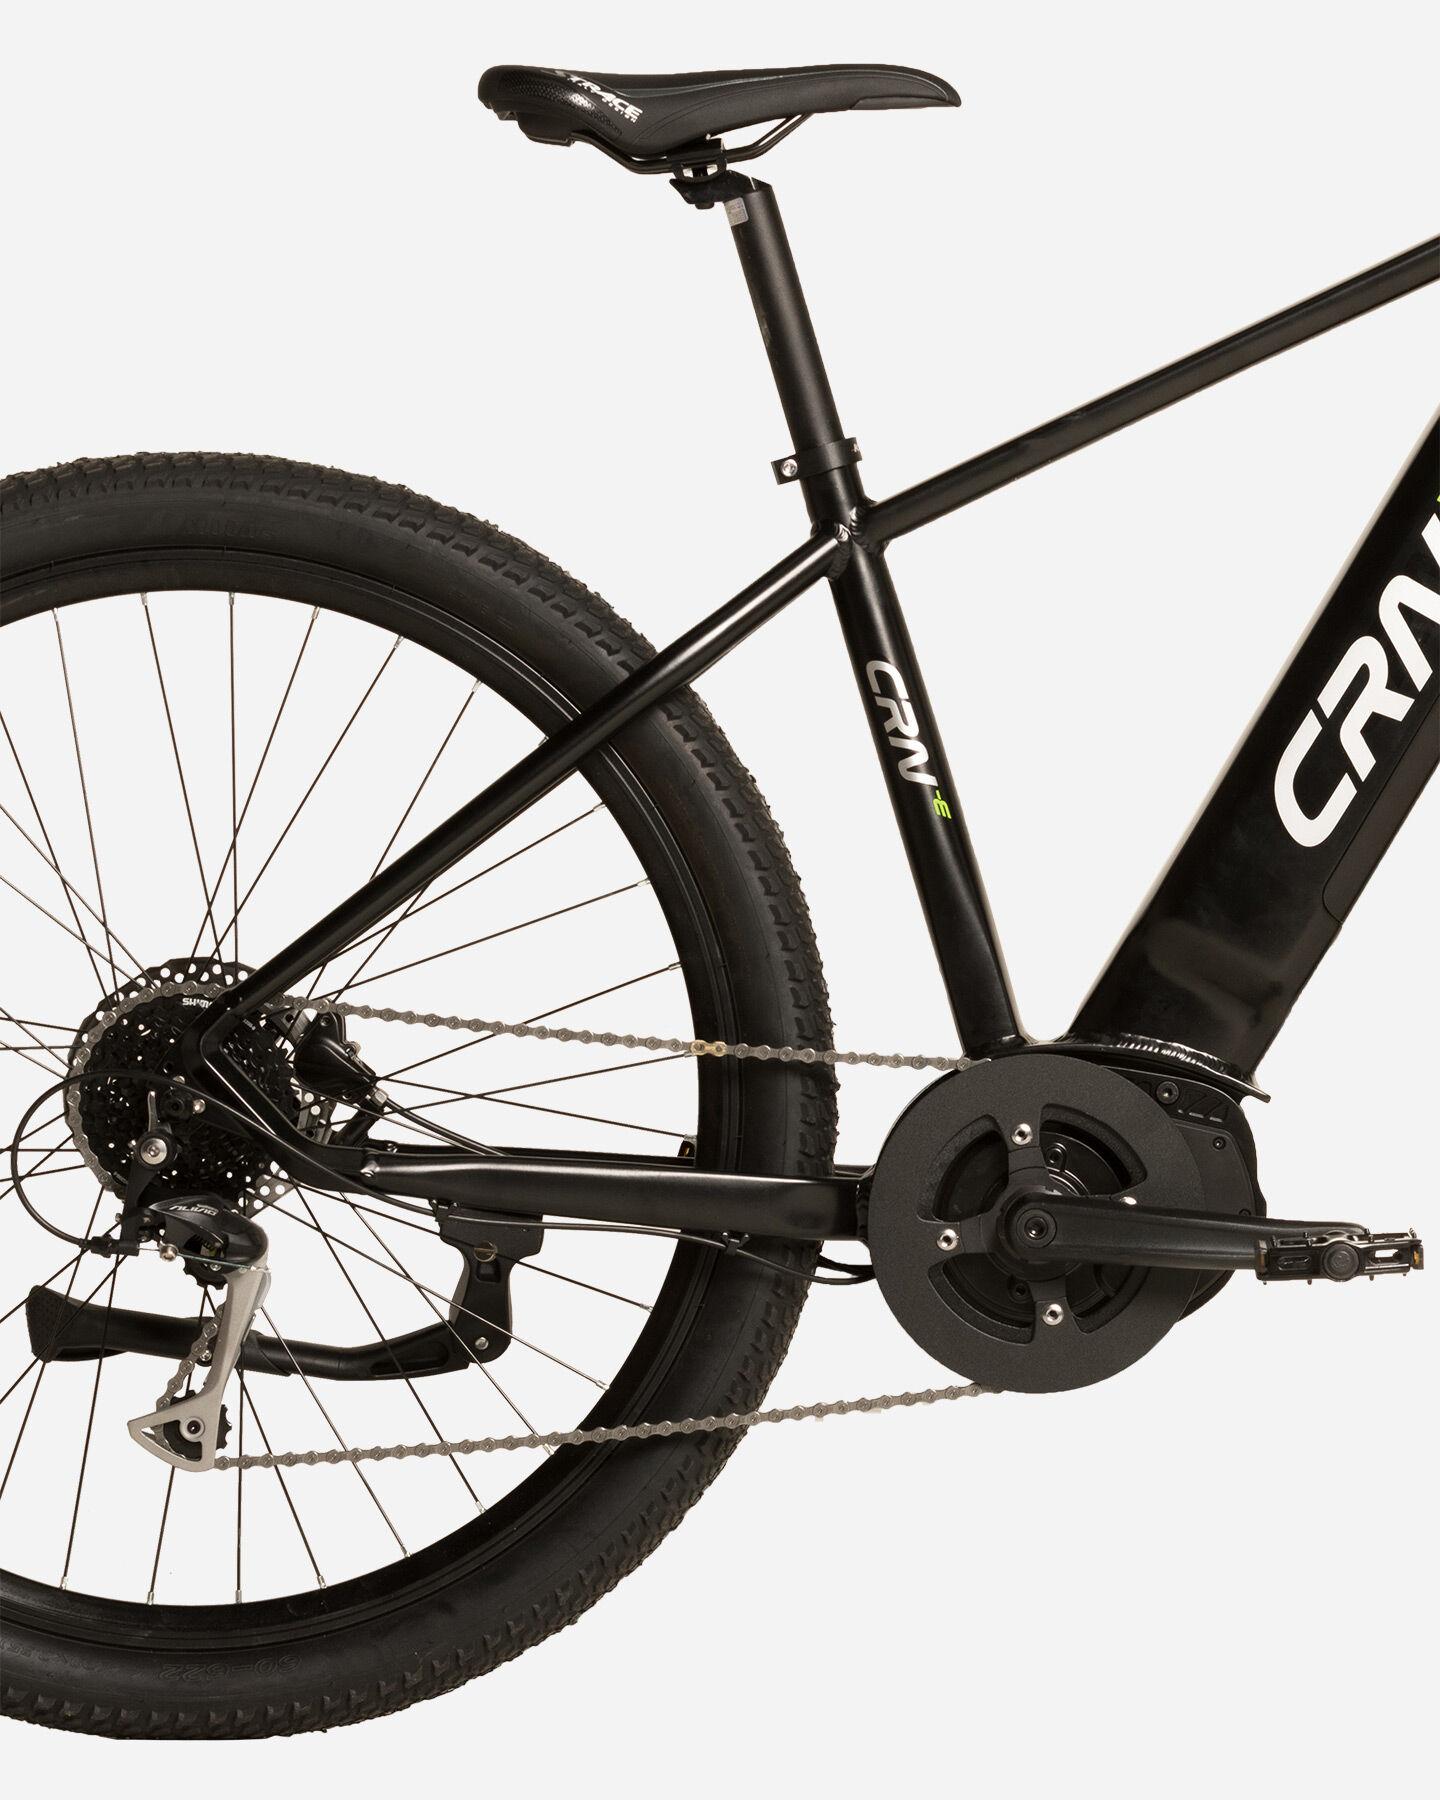 Bici elettrica CARNIELLI E- BIKE 9.4 S4098569 1 18 scatto 2